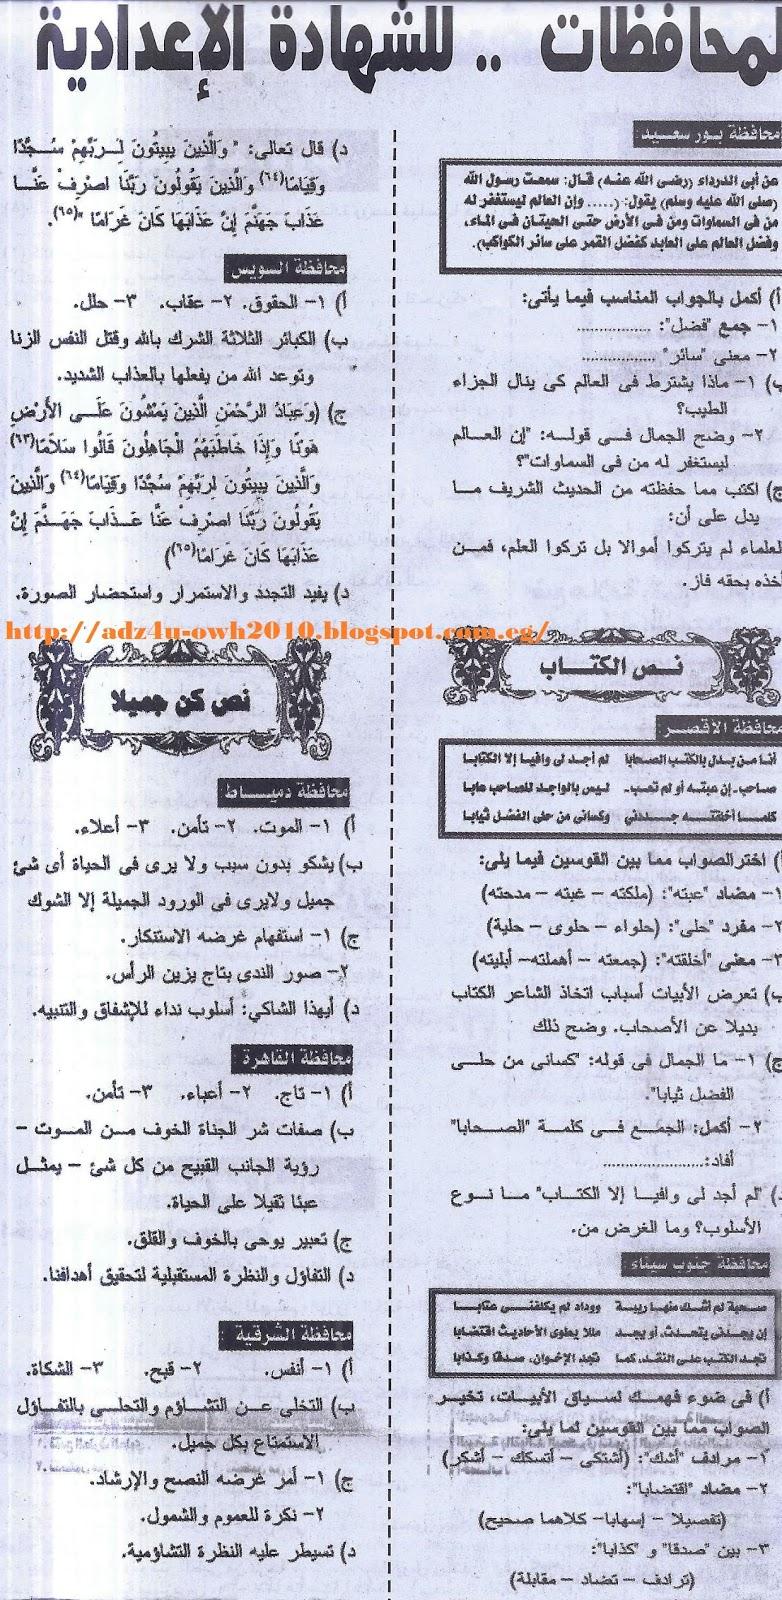 توقعات نصوص الشهادة الاعدادية بالاجابات النموذجية - امتحان نصف العام - ملحق الجمهورية التعليمي 3